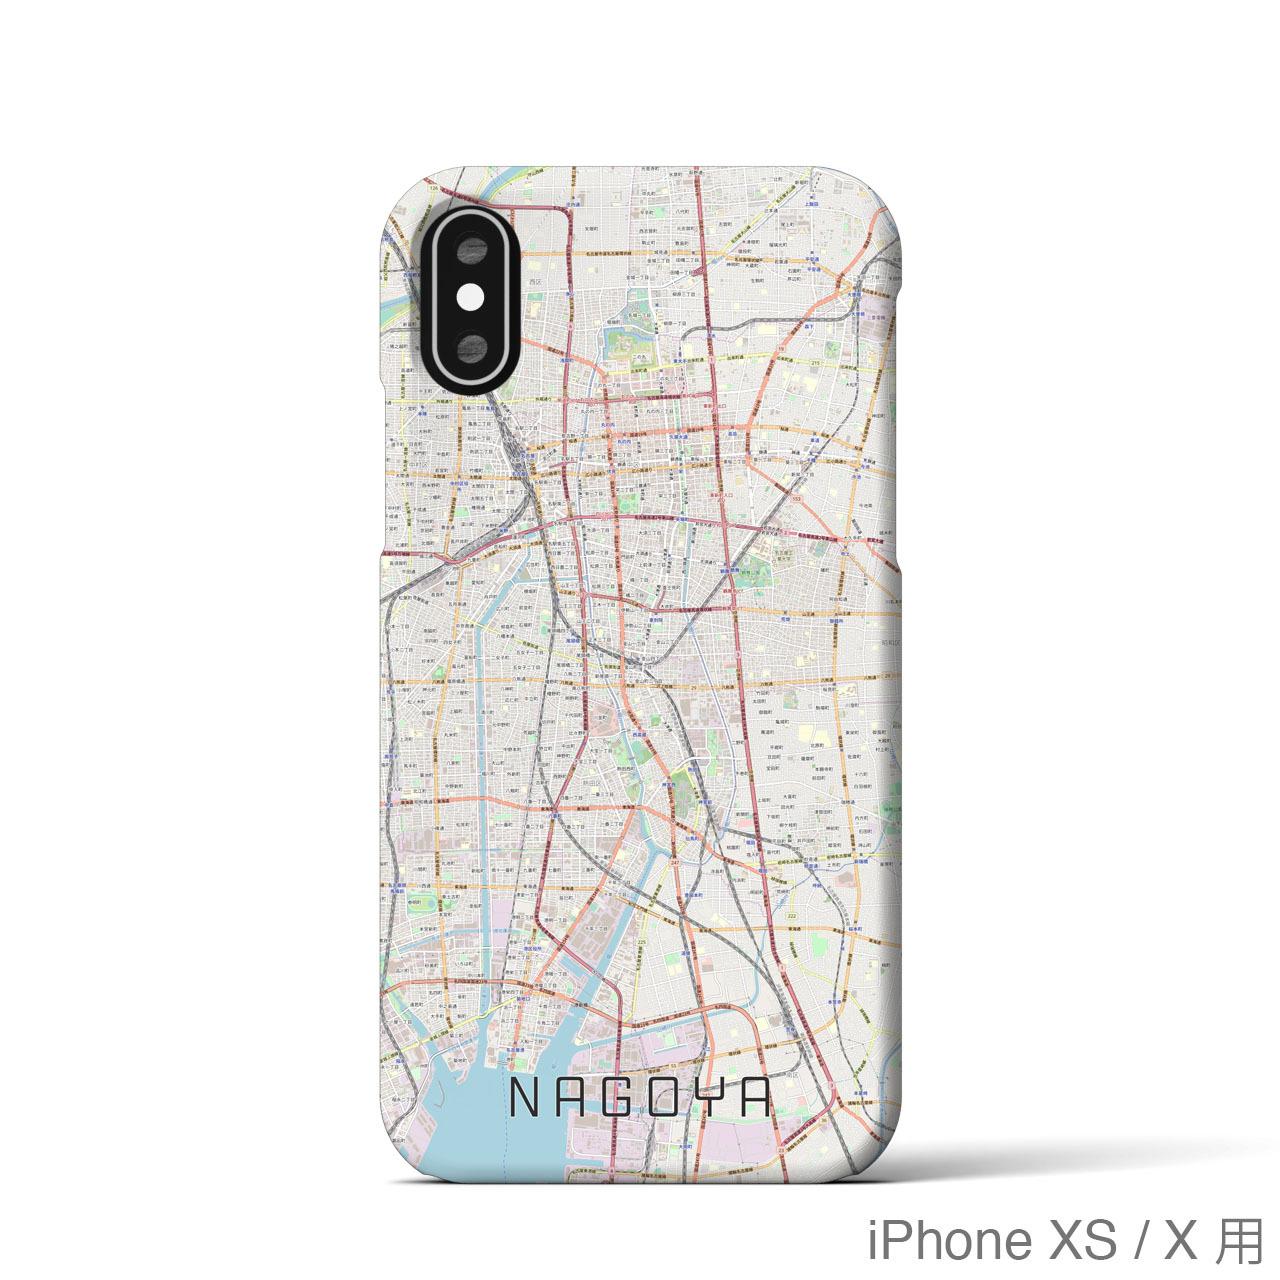 【名古屋】地図柄iPhoneケース(バックカバータイプ・ナチュラル)